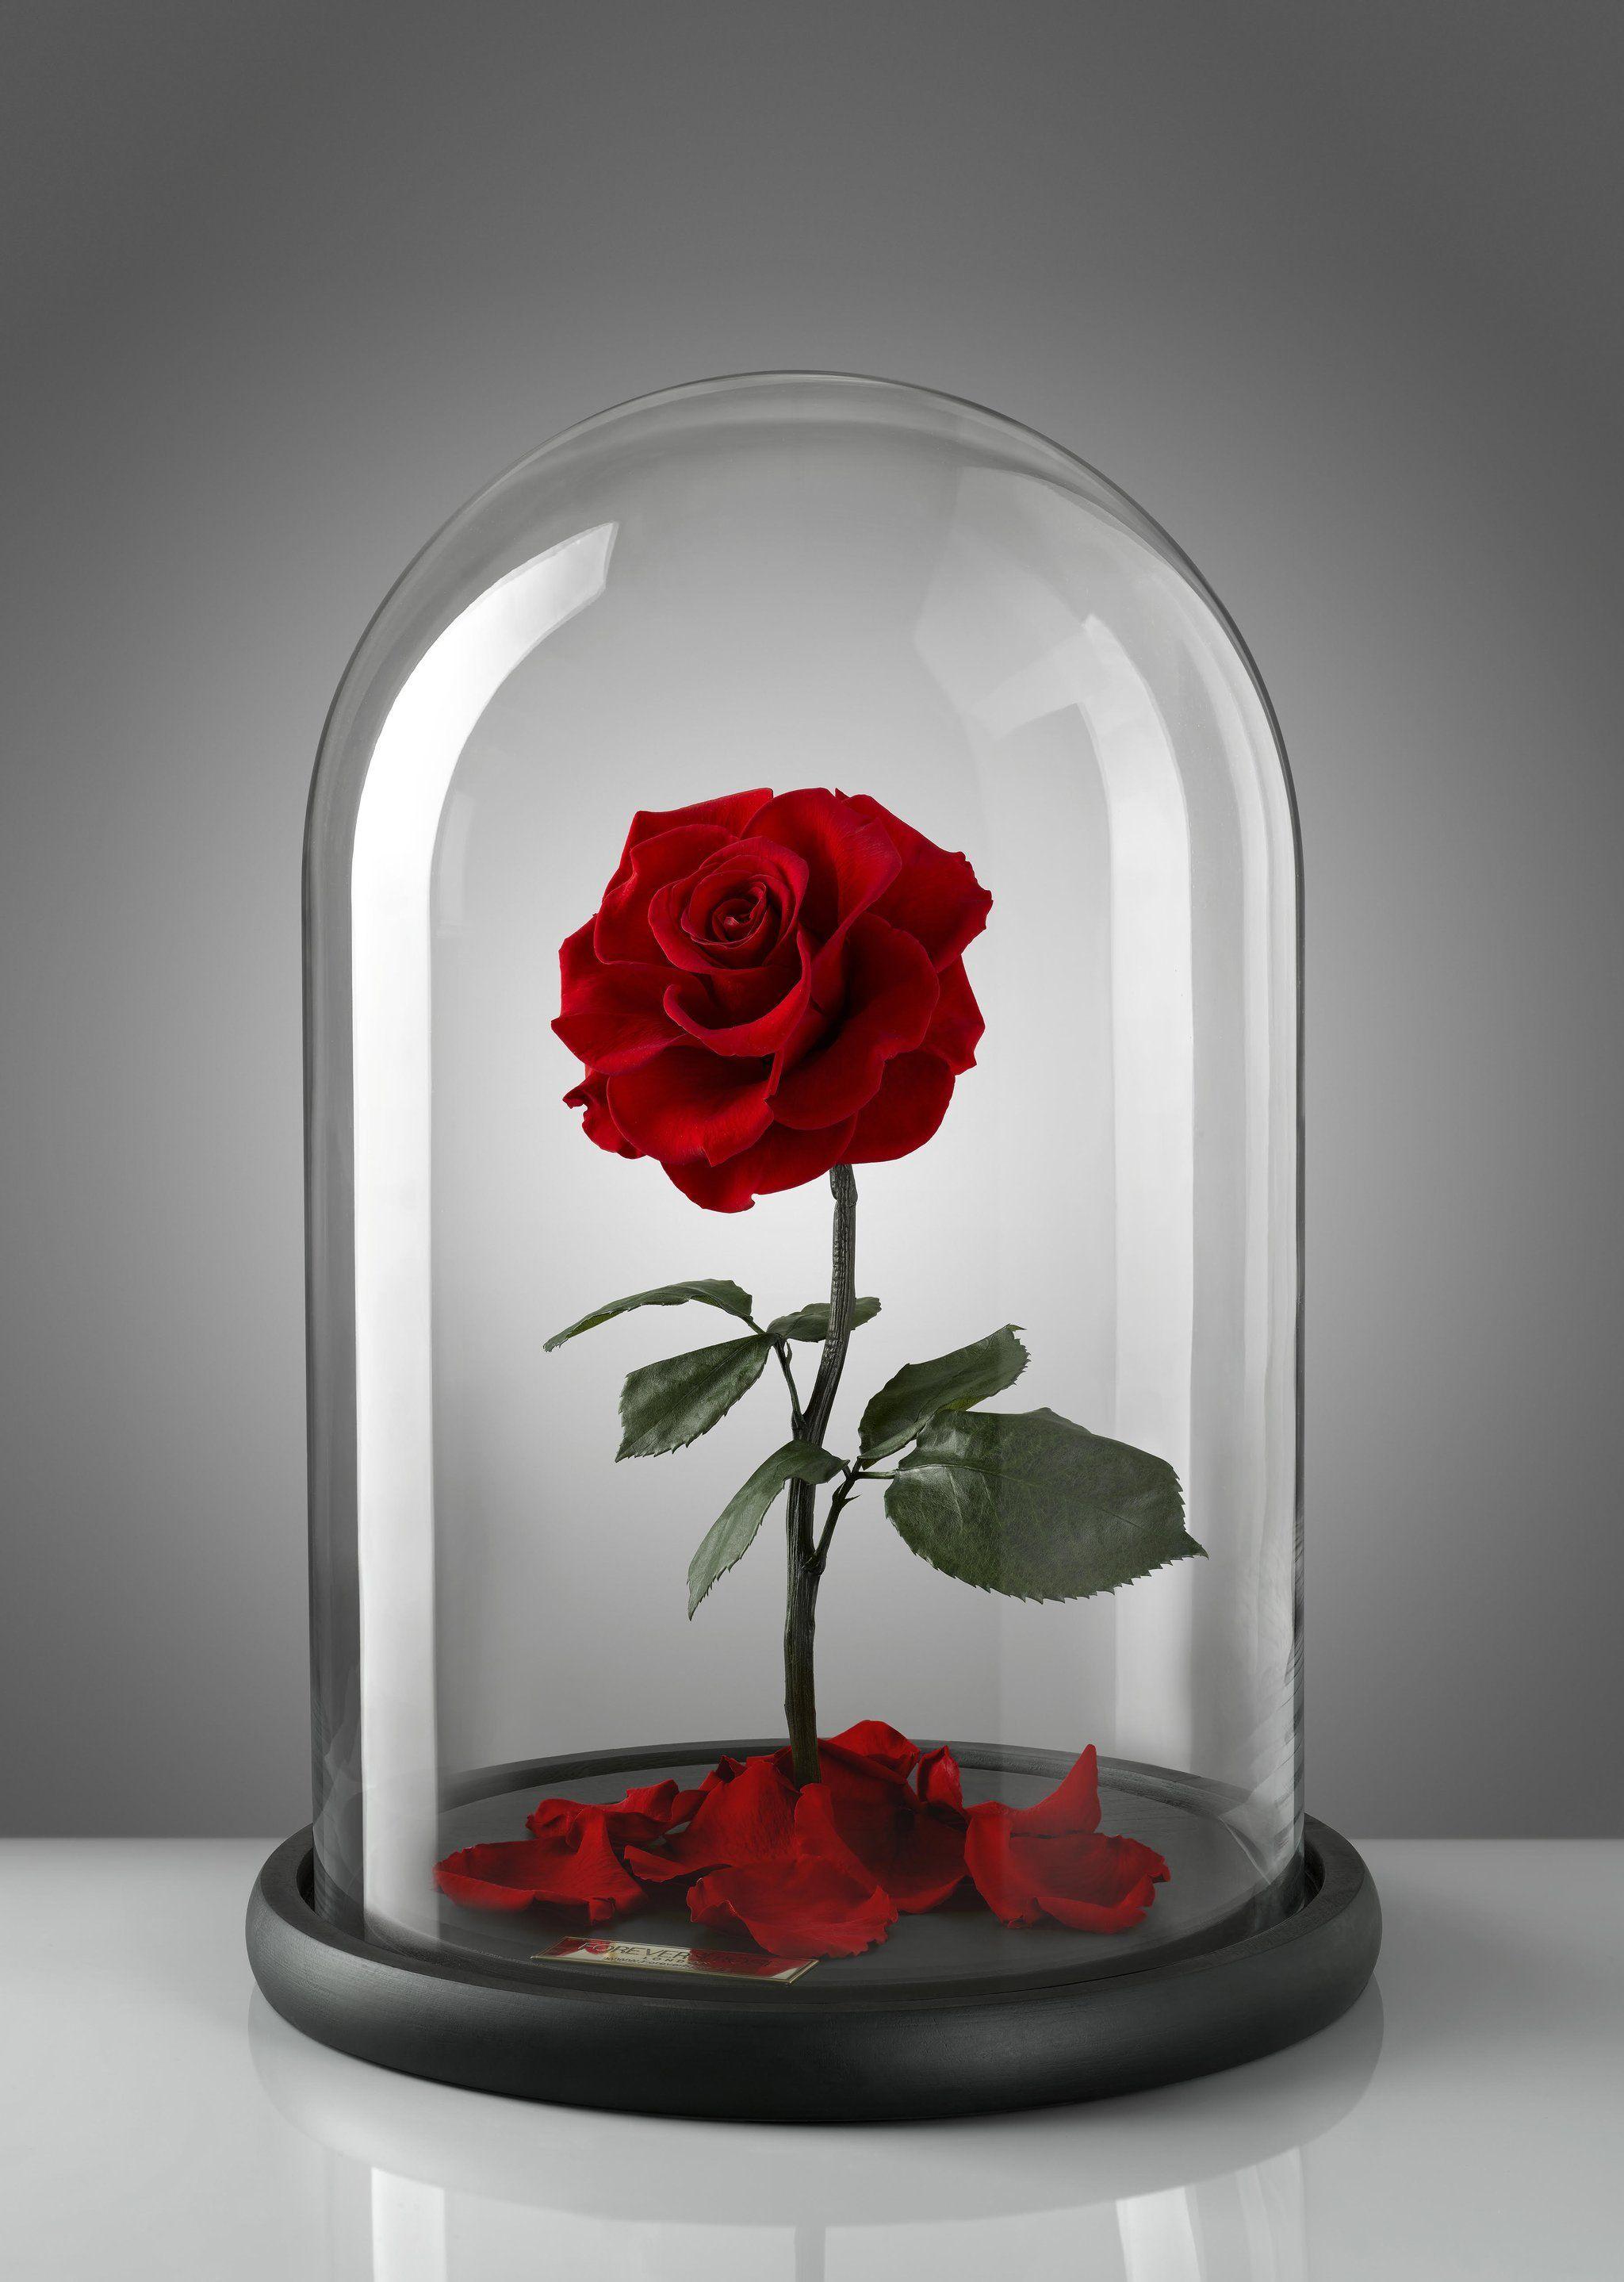 How to Make Roses Live Longer | POPSUGAR Home Middle East